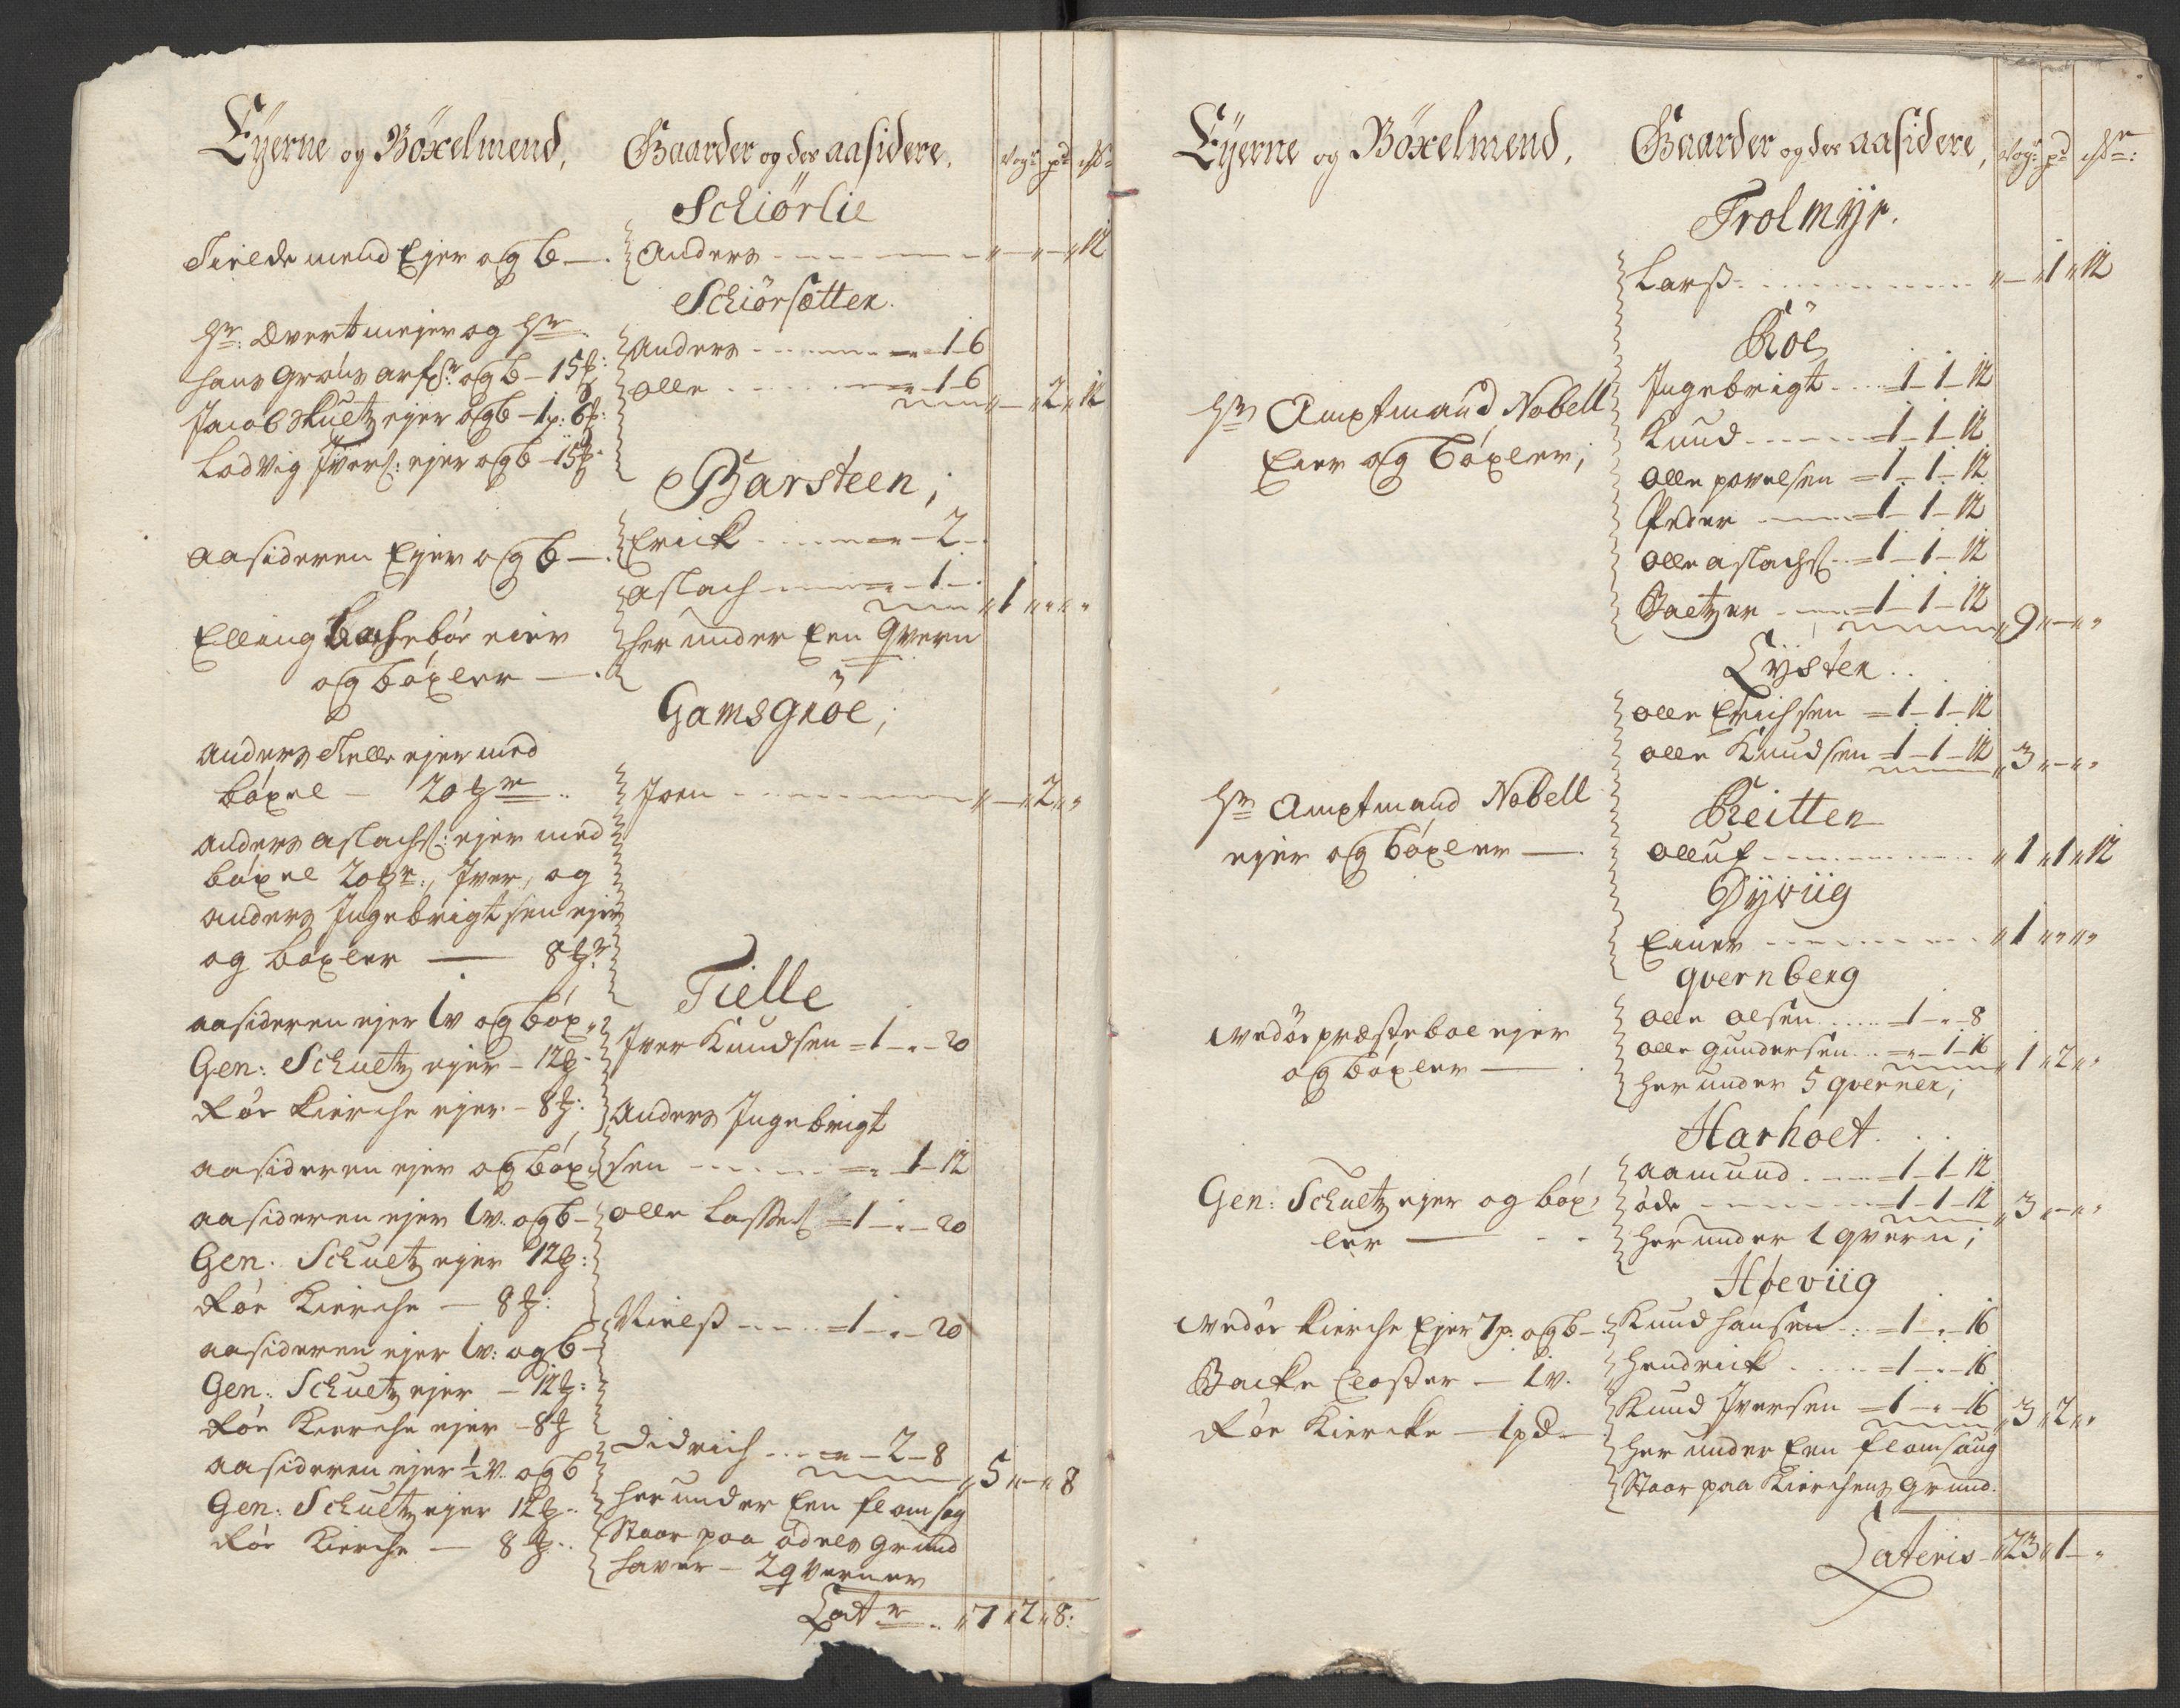 RA, Rentekammeret inntil 1814, Reviderte regnskaper, Fogderegnskap, R55/L3665: Fogderegnskap Romsdal, 1718, s. 28